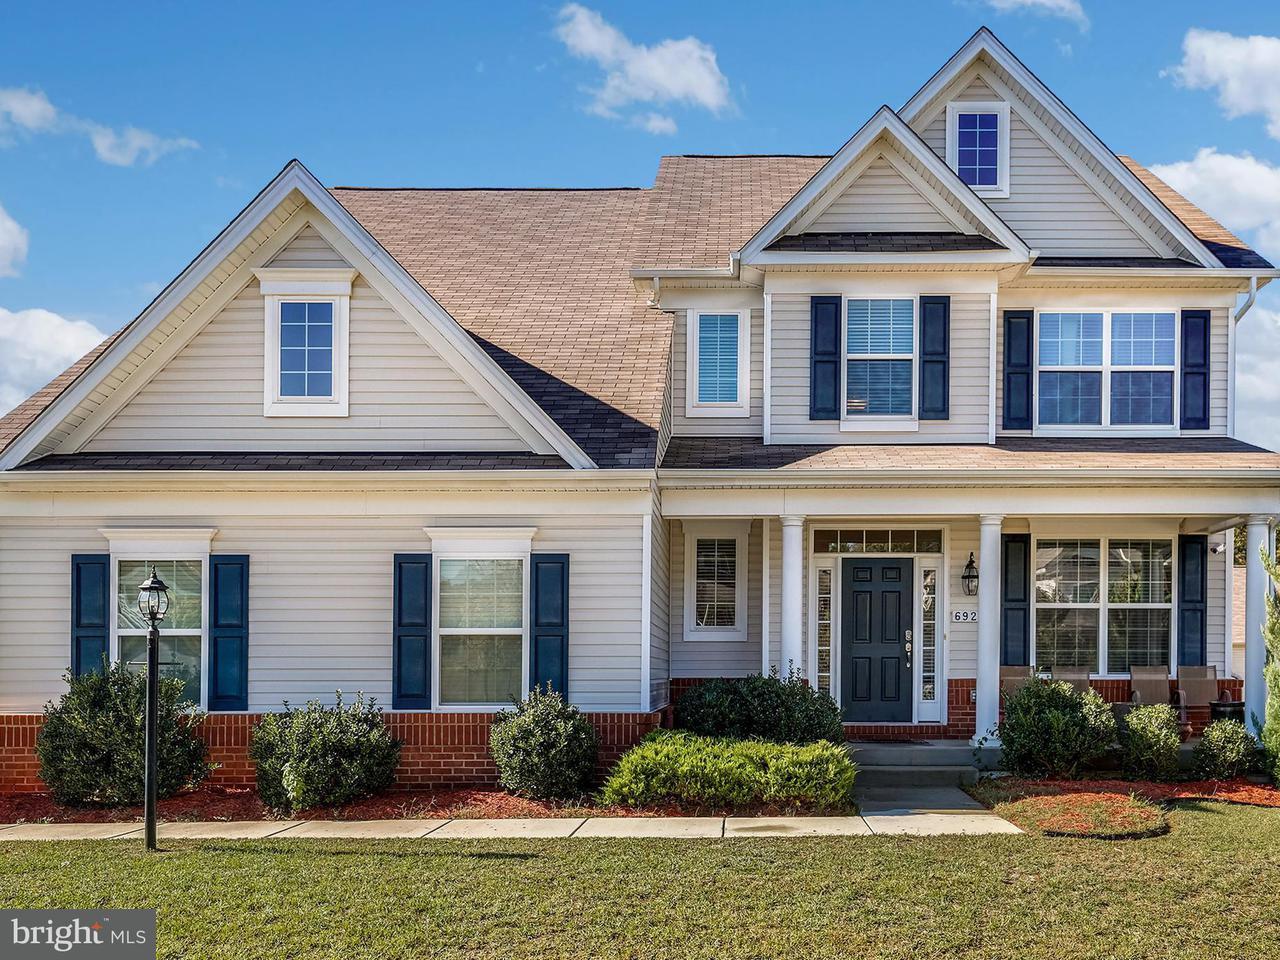 Maison unifamiliale pour l Vente à 6927 FARRAGUT Drive 6927 FARRAGUT Drive Bryans Road, Maryland 20616 États-Unis